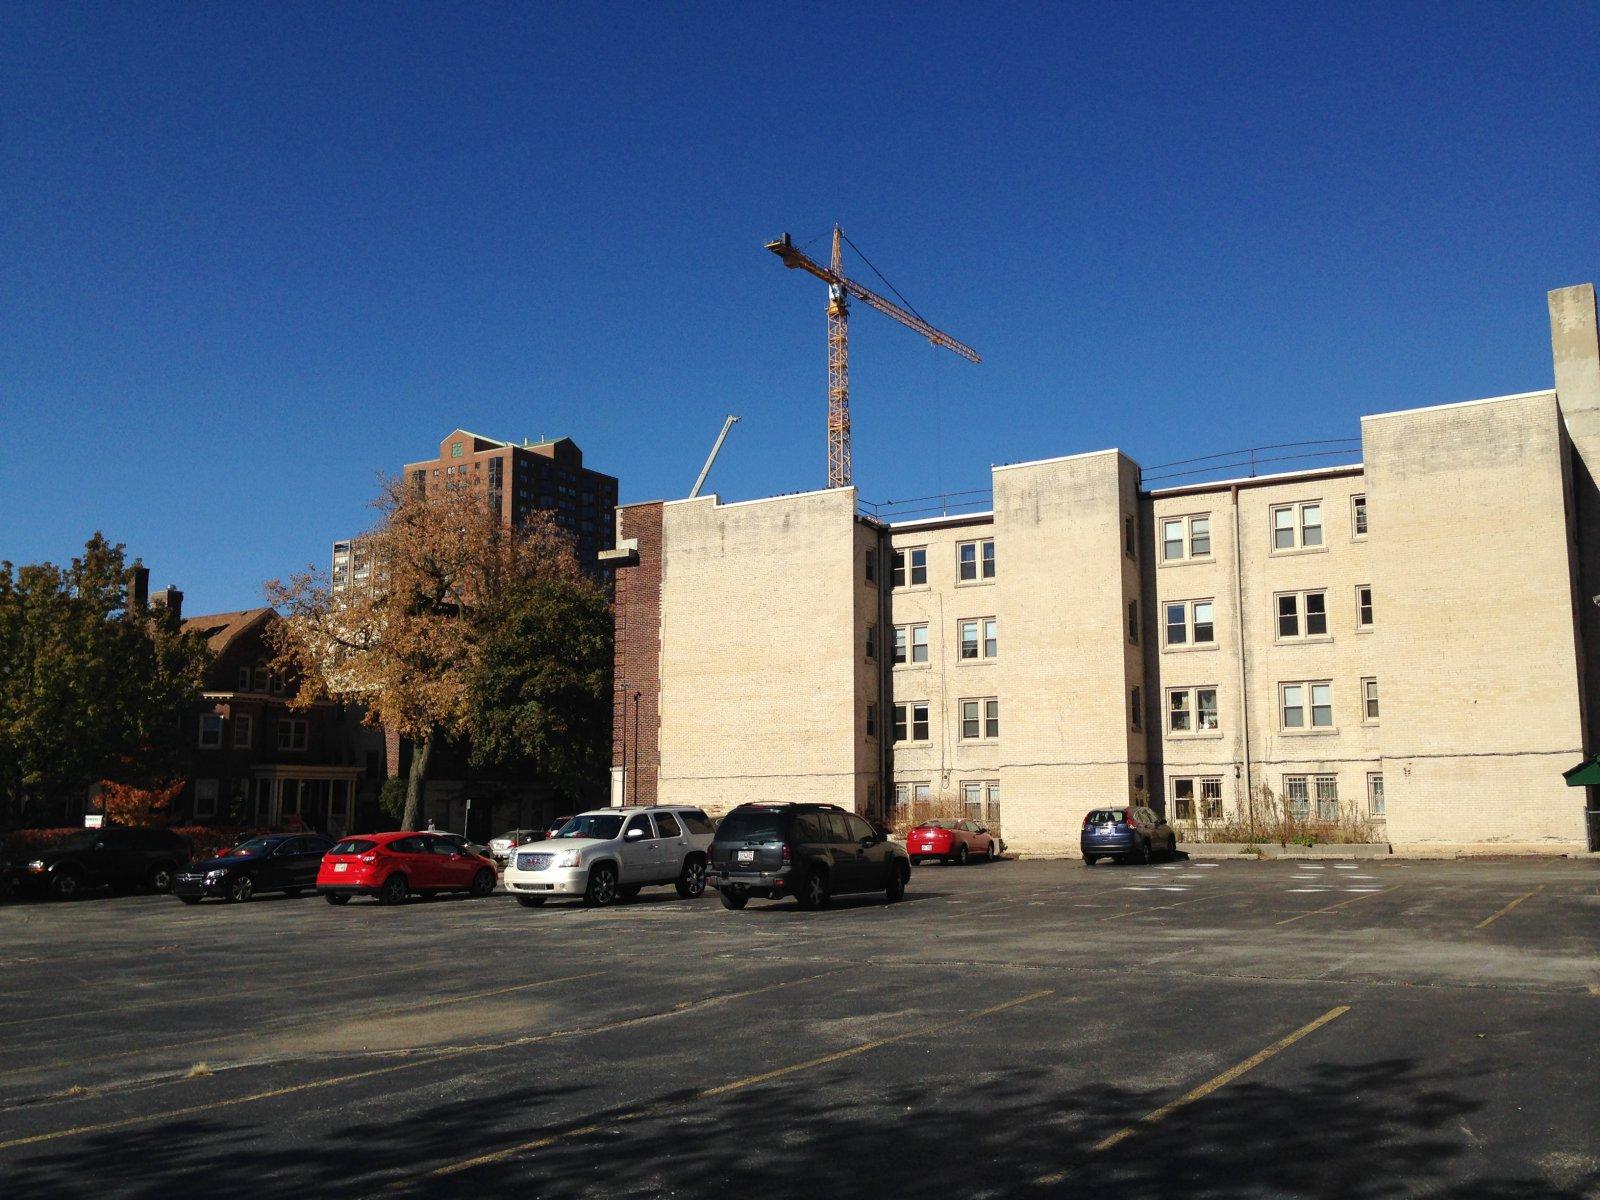 810 N. Cass St.